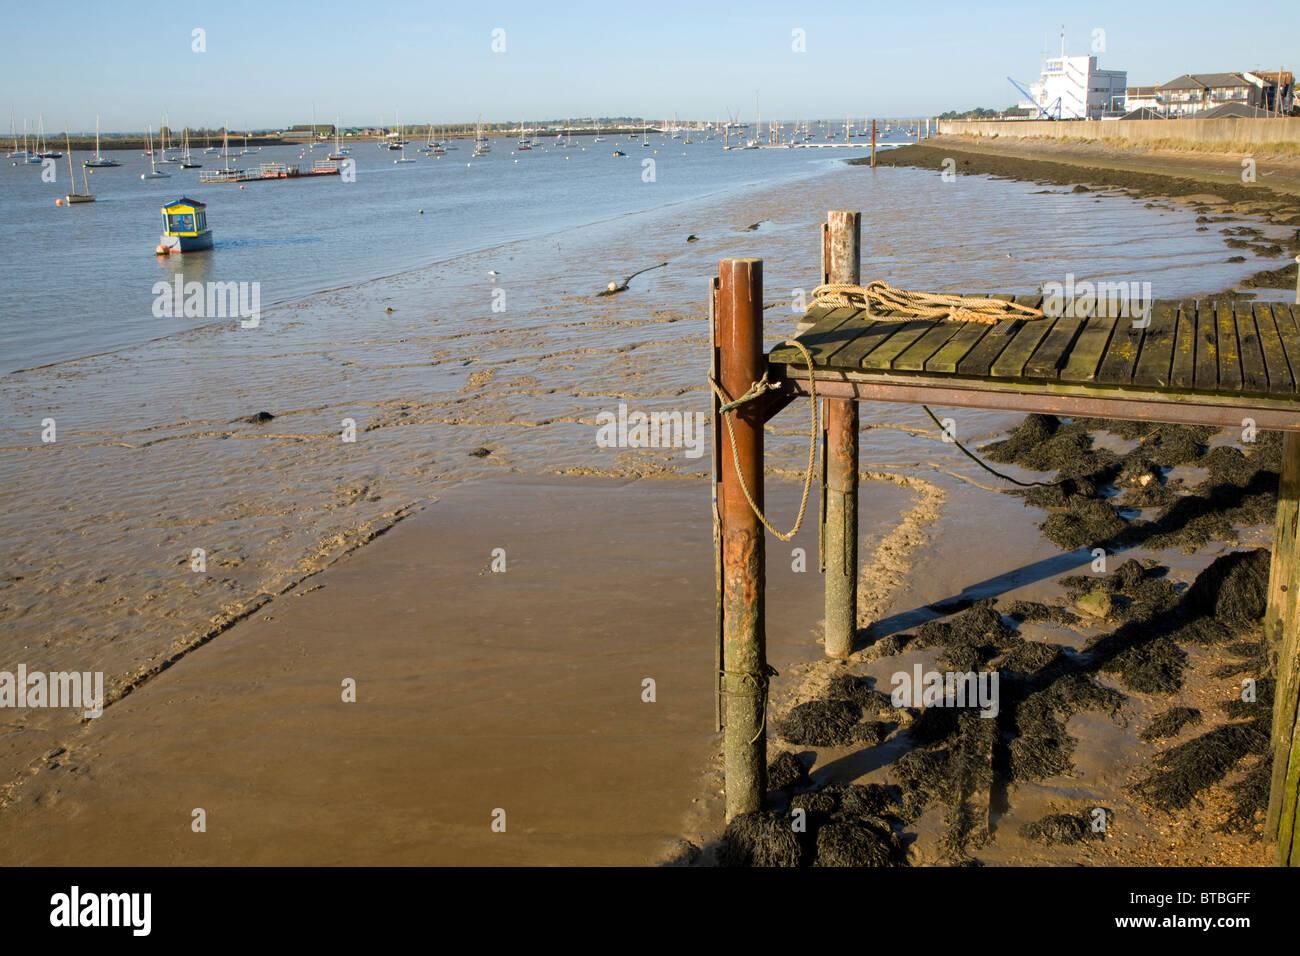 Marea baja Río Crouch Crouch, Burnham en Essex, Inglaterra Imagen De Stock